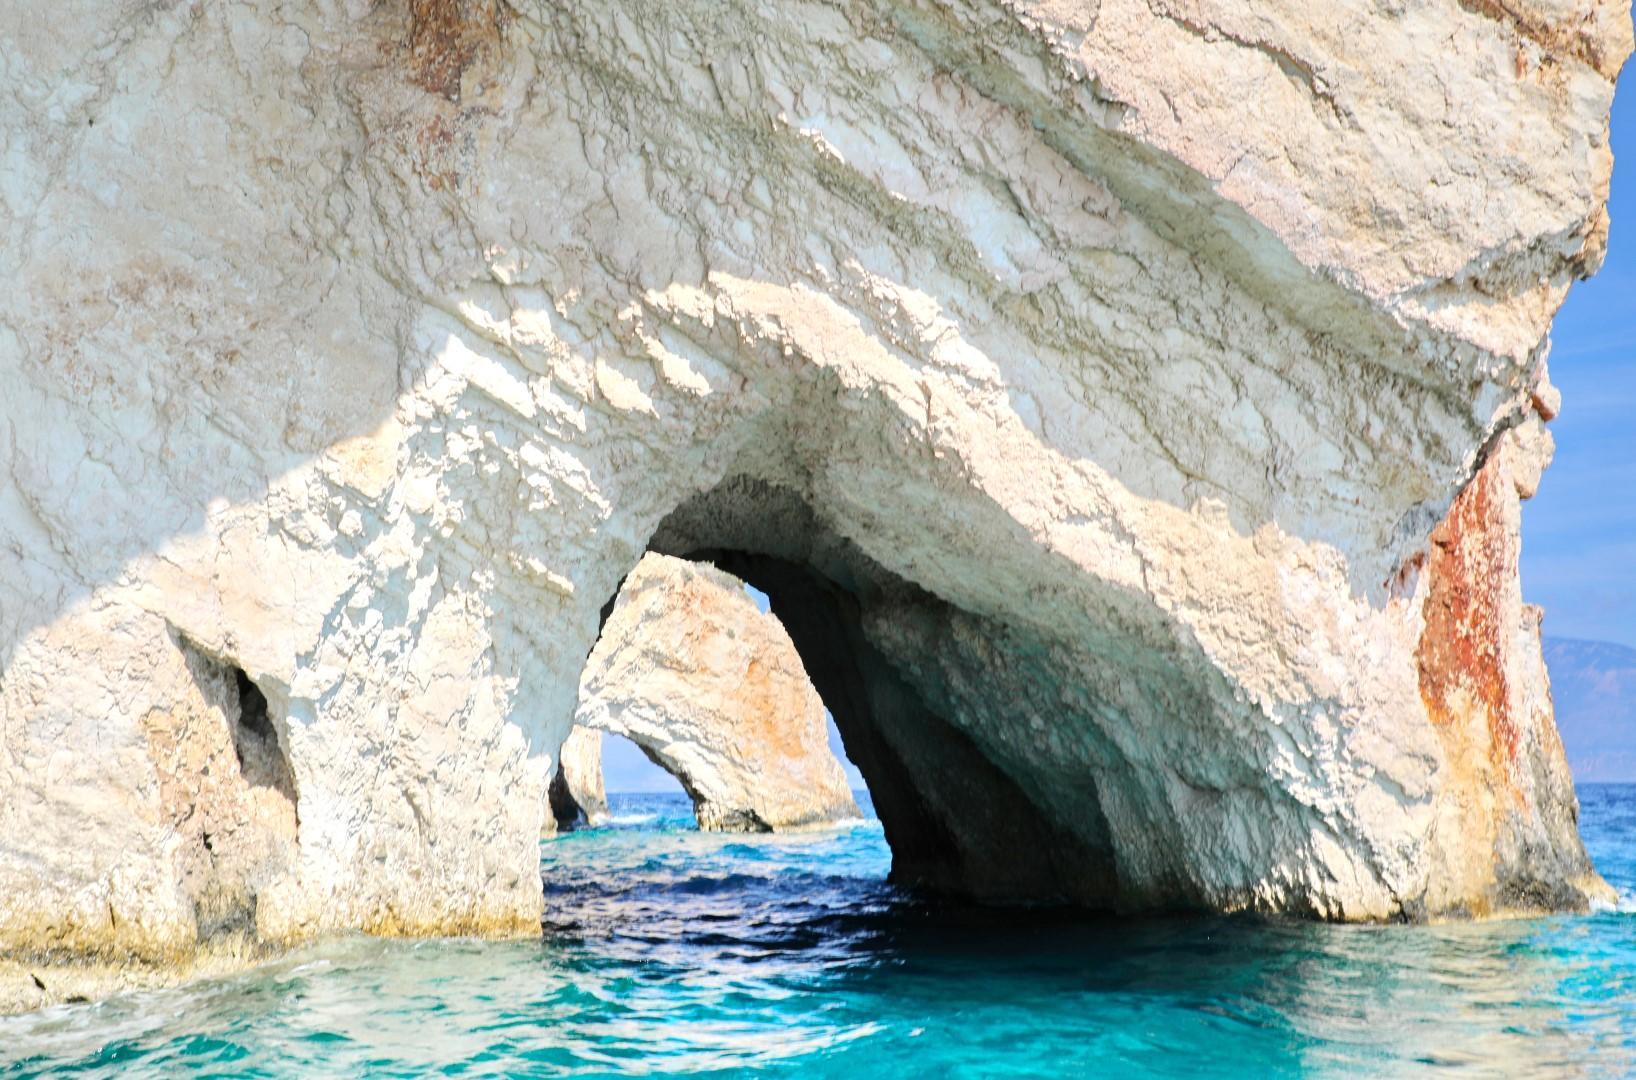 Donnavventura: la Grecia, tra storia e paesaggi suggestivi